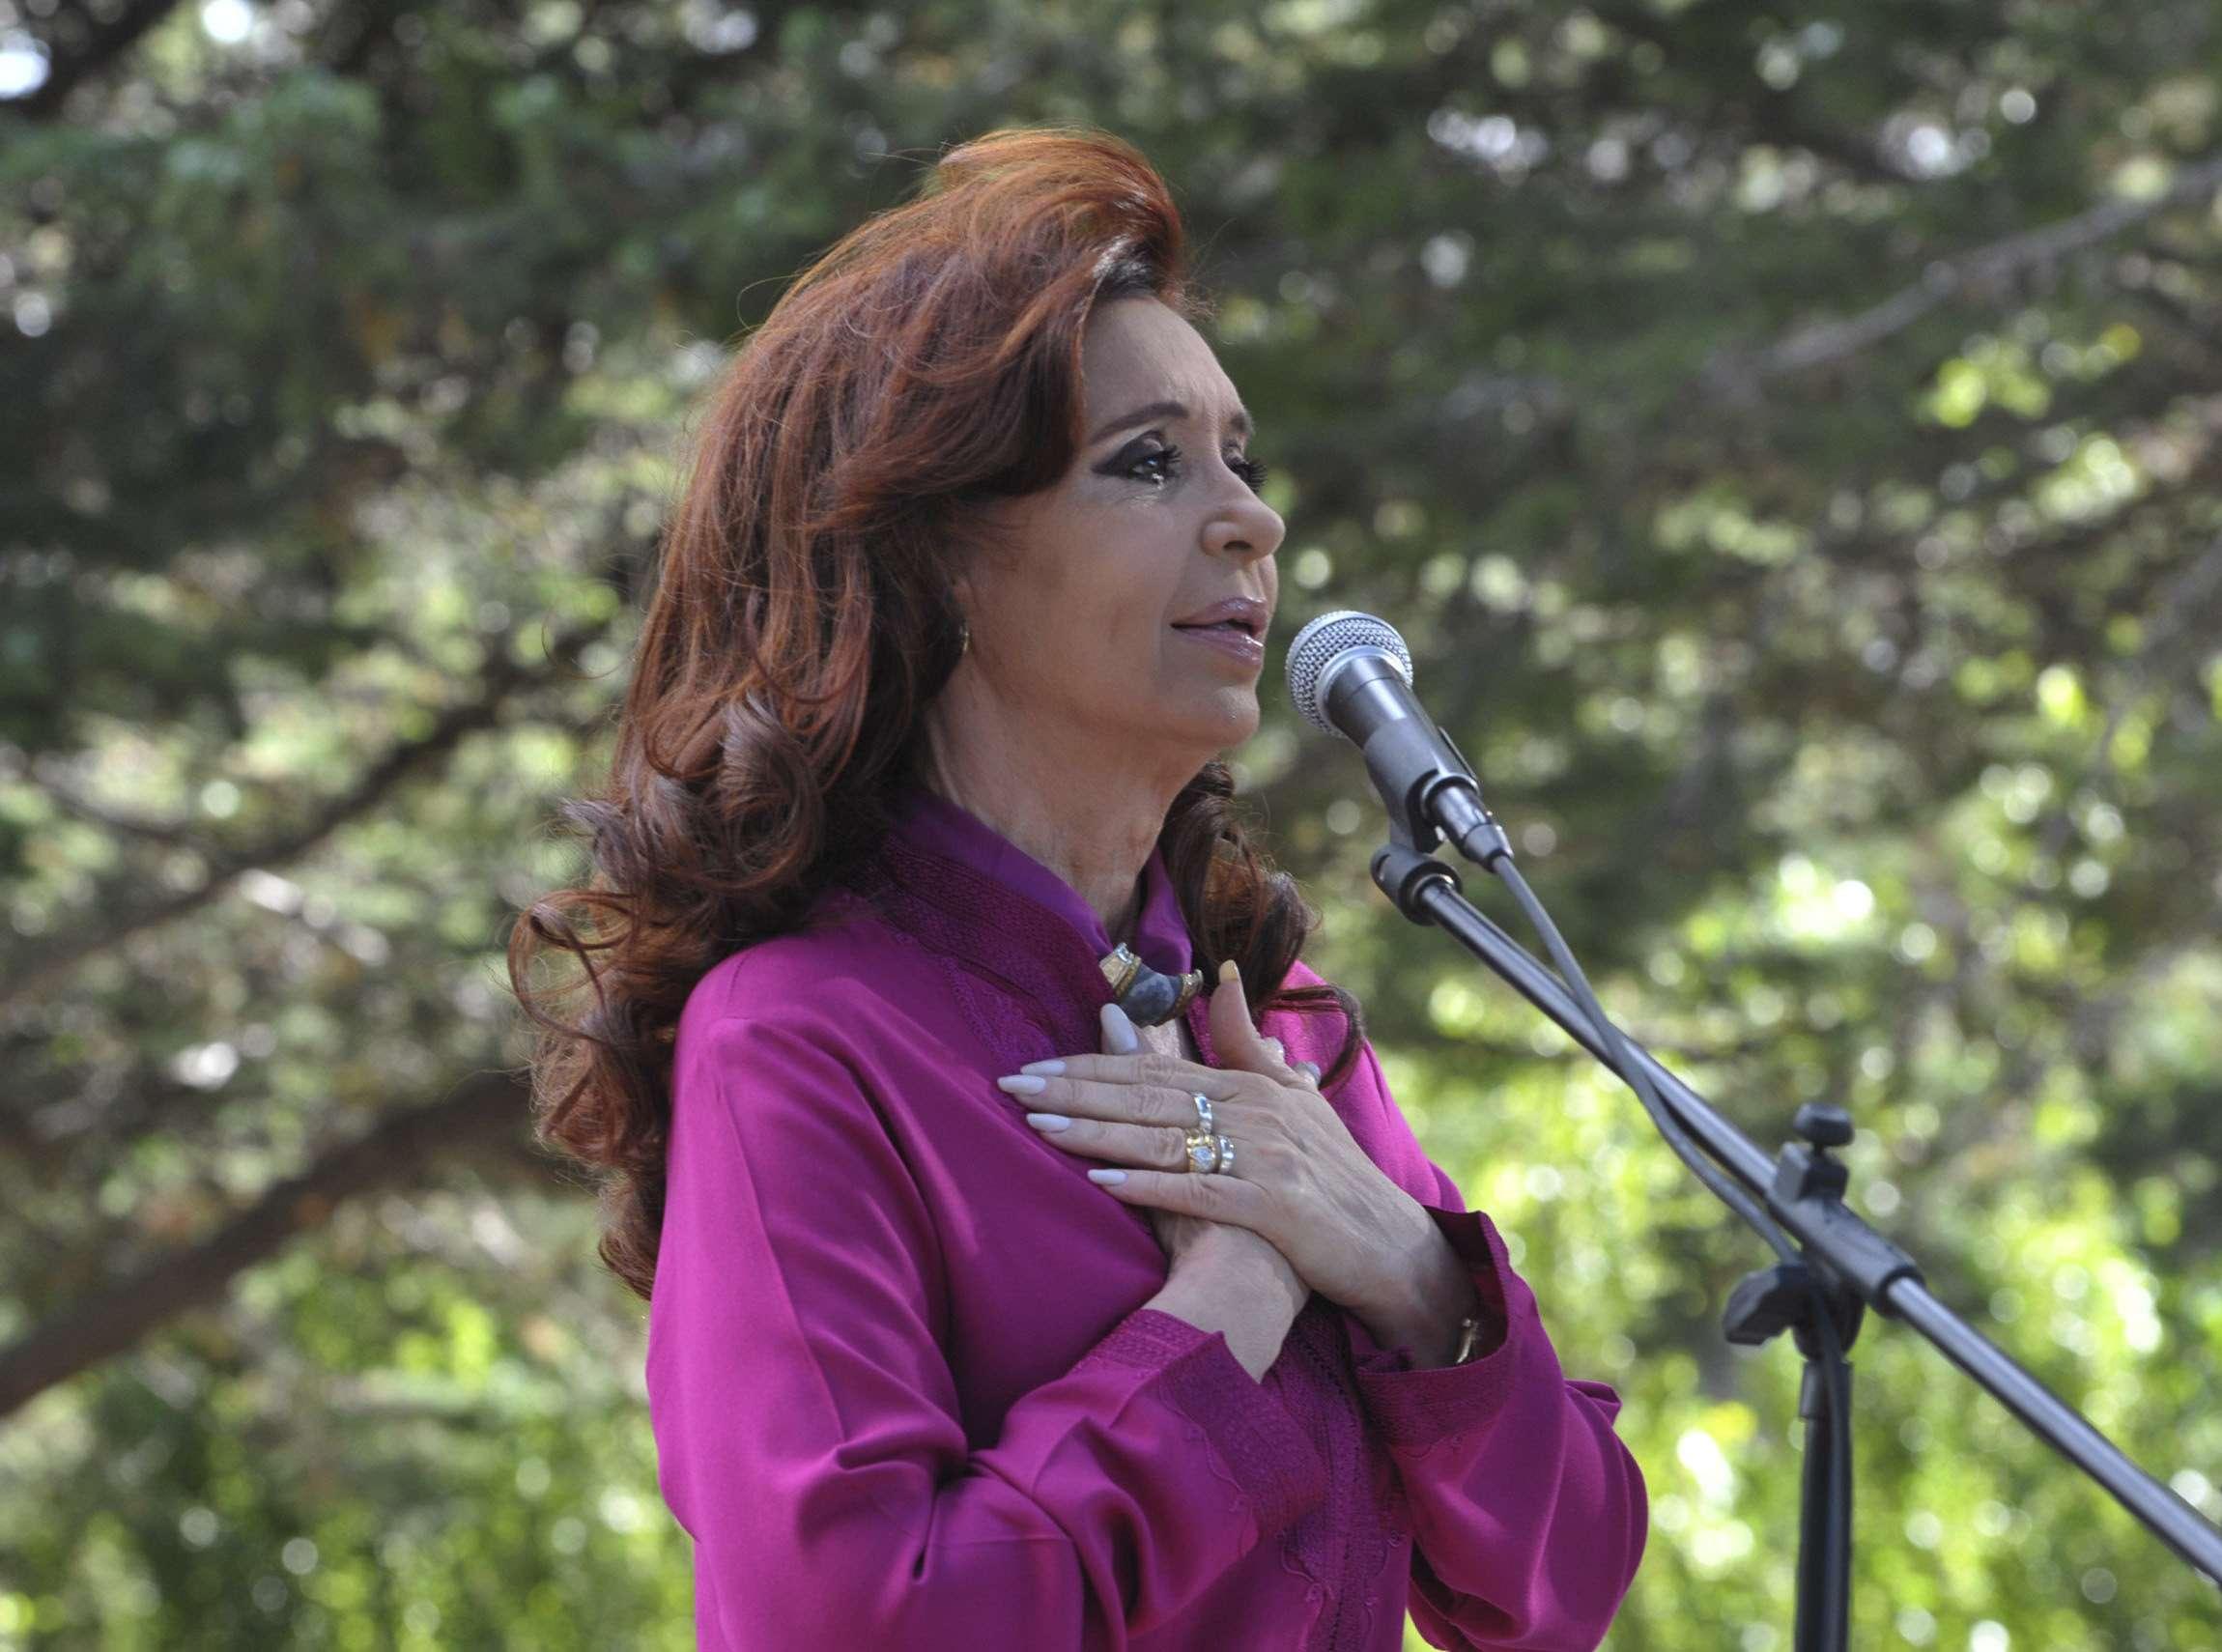 La presidenta Cristina Fernández defendió el accionar del Gobierno en la causa AMIA y se refirió a los documentos hallados en la caja fuerte del fiscal fallecido Alberto Nisman. Foto: NA